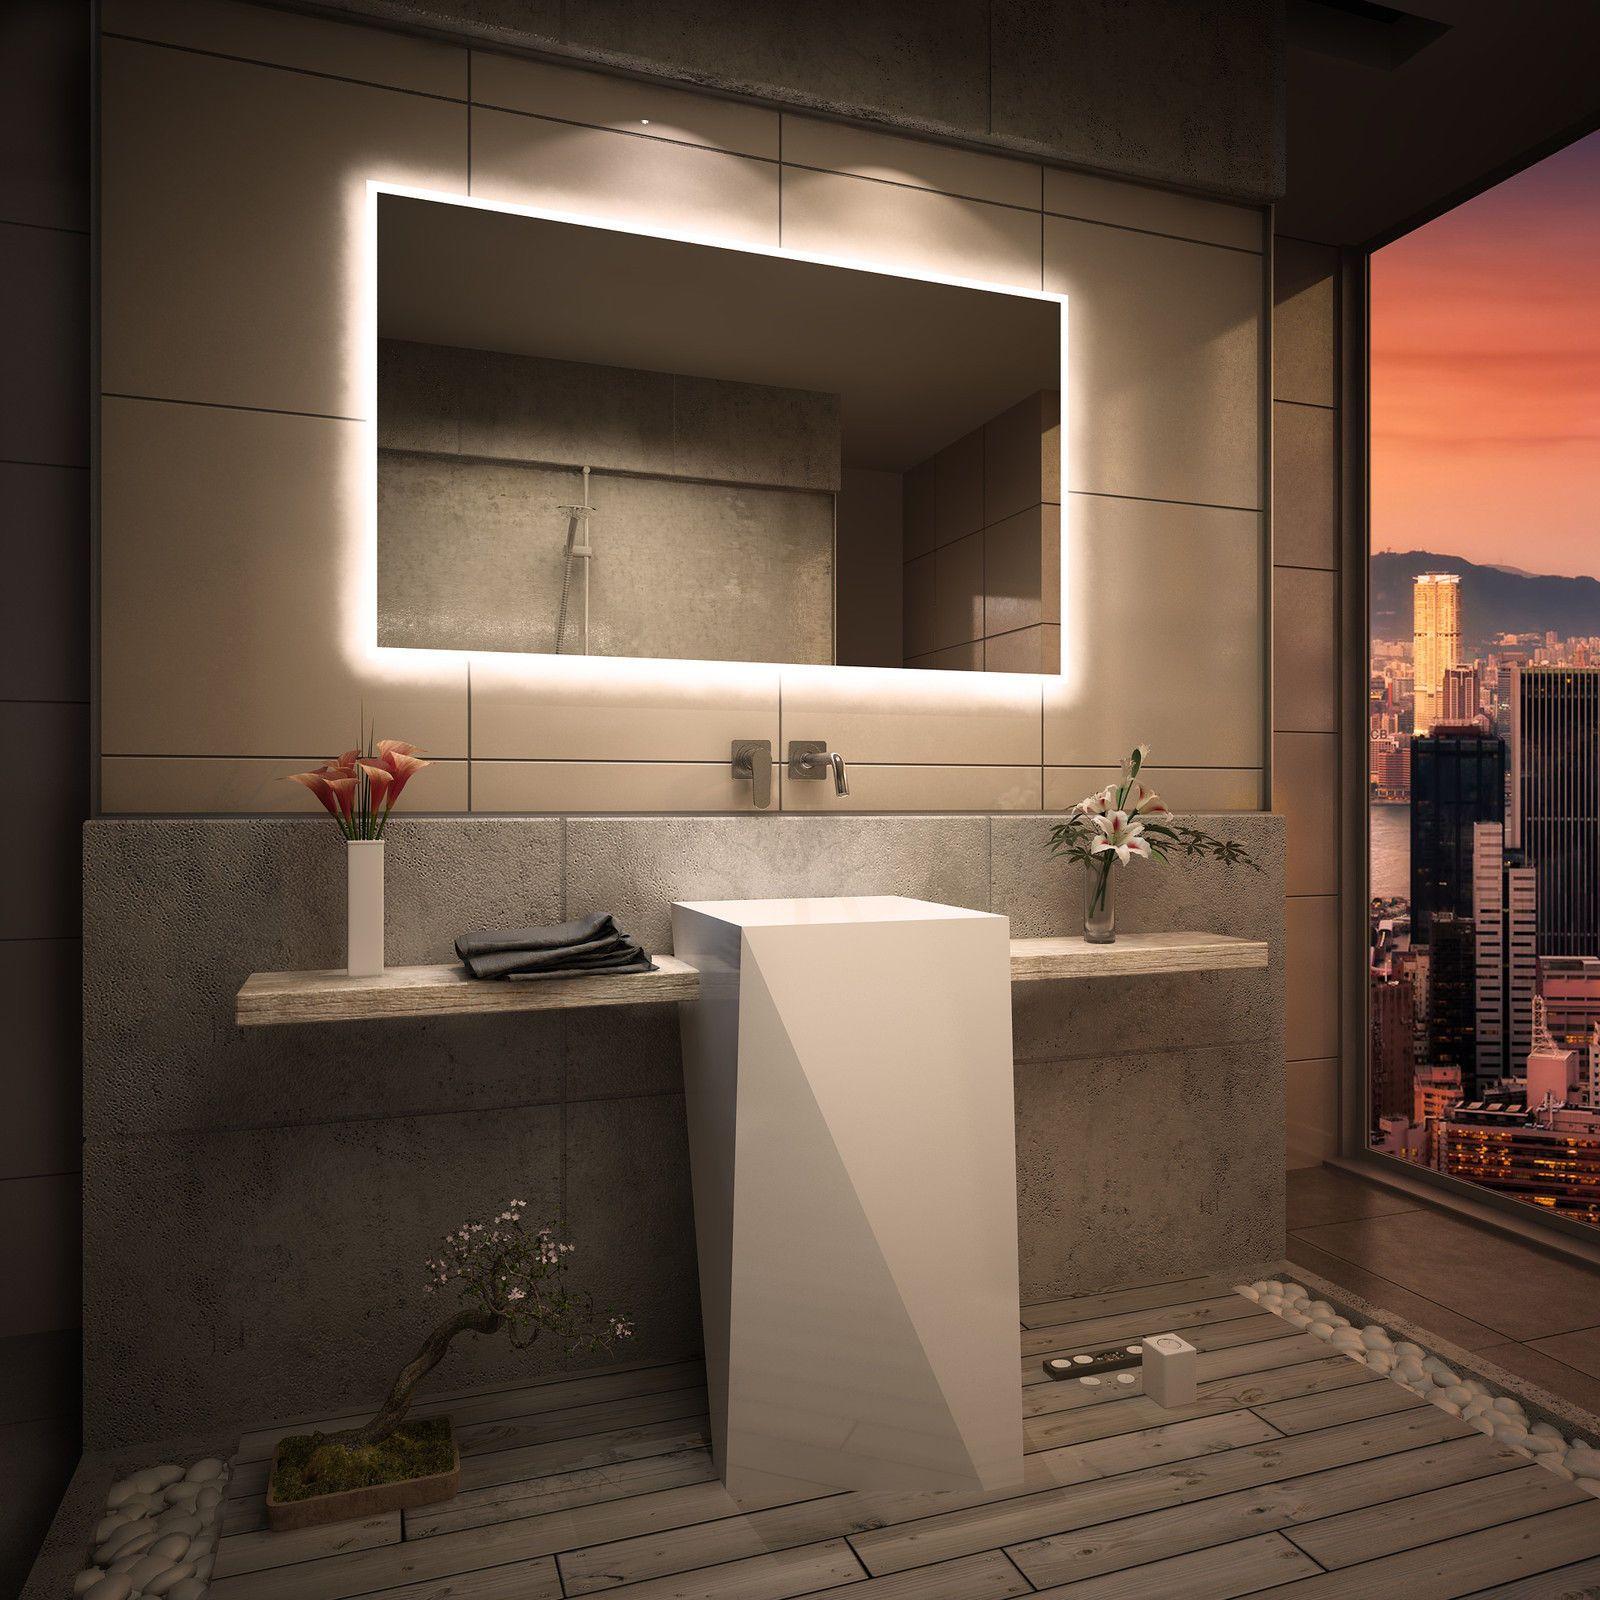 badspiegel mit led beleuchtung badezimmerspiegel